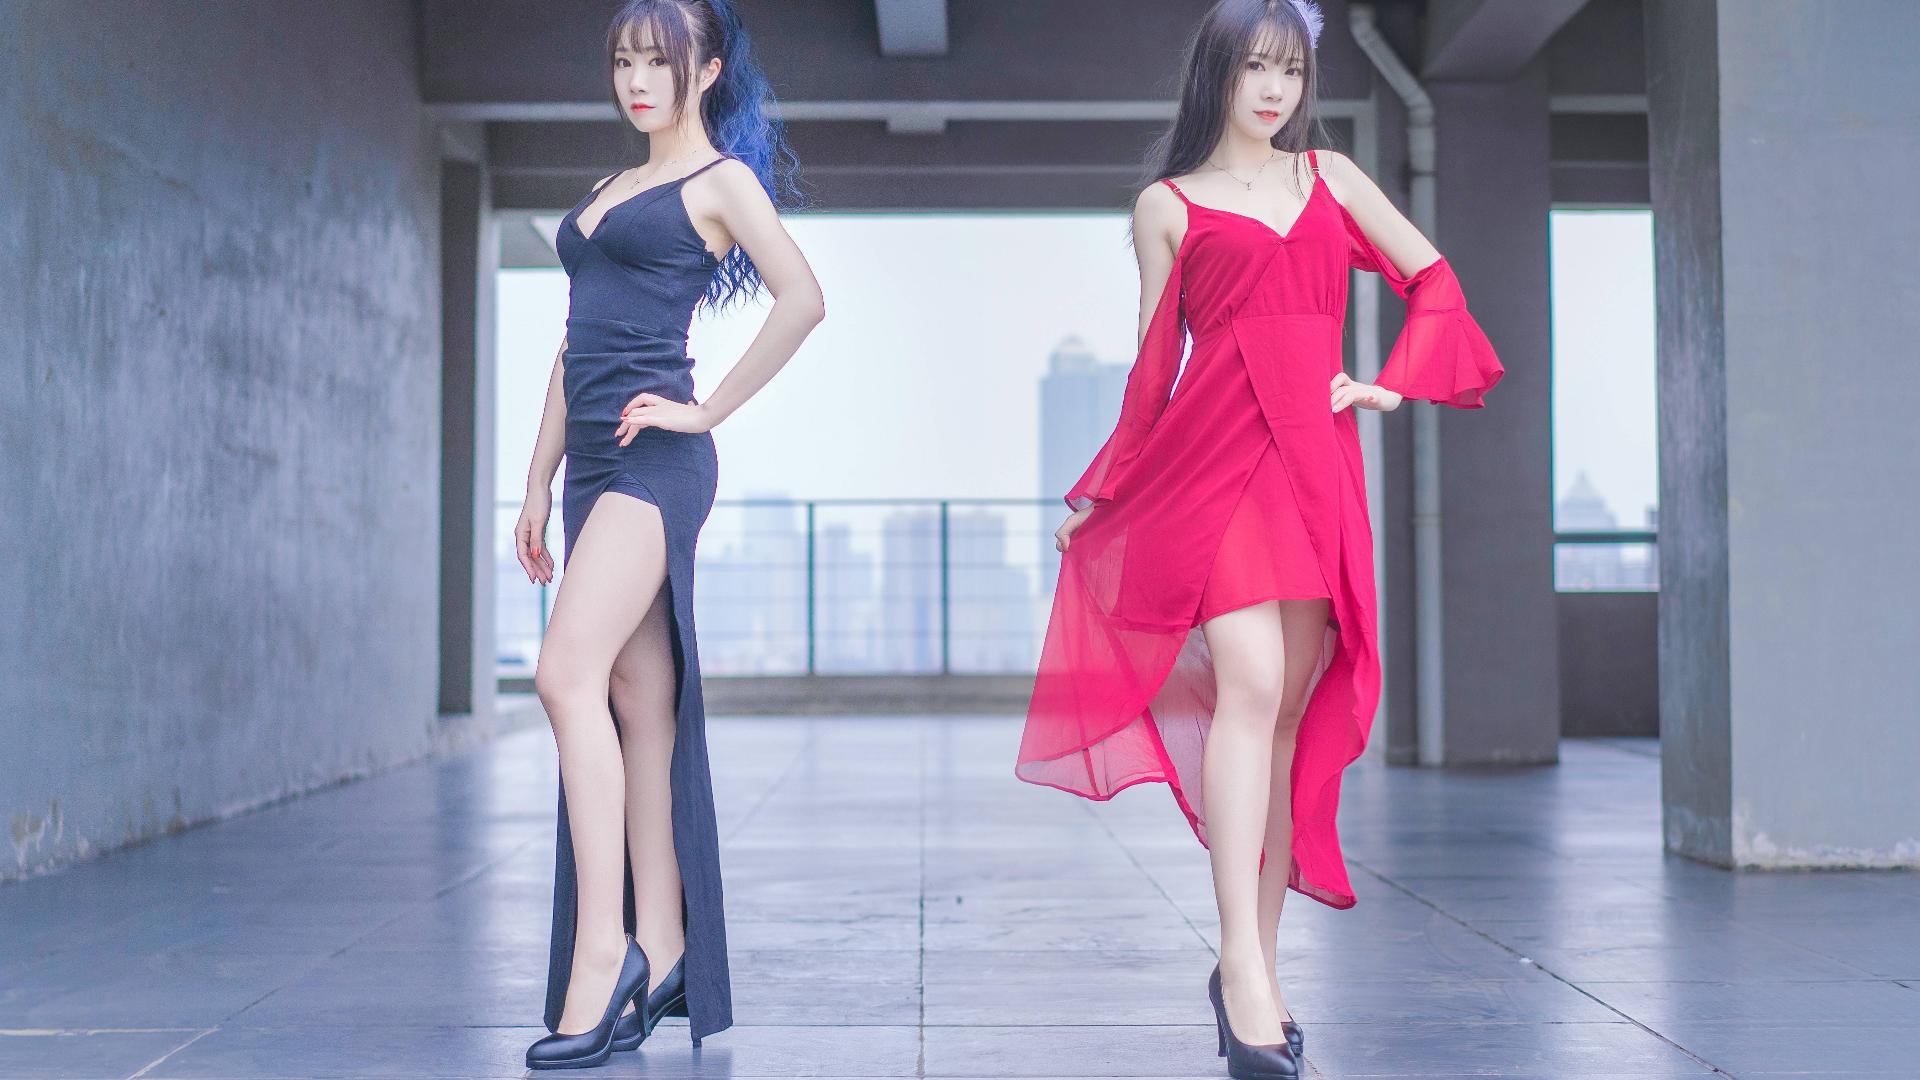 【雾奈】Senorita双倍的快乐~选红色还是黑色?